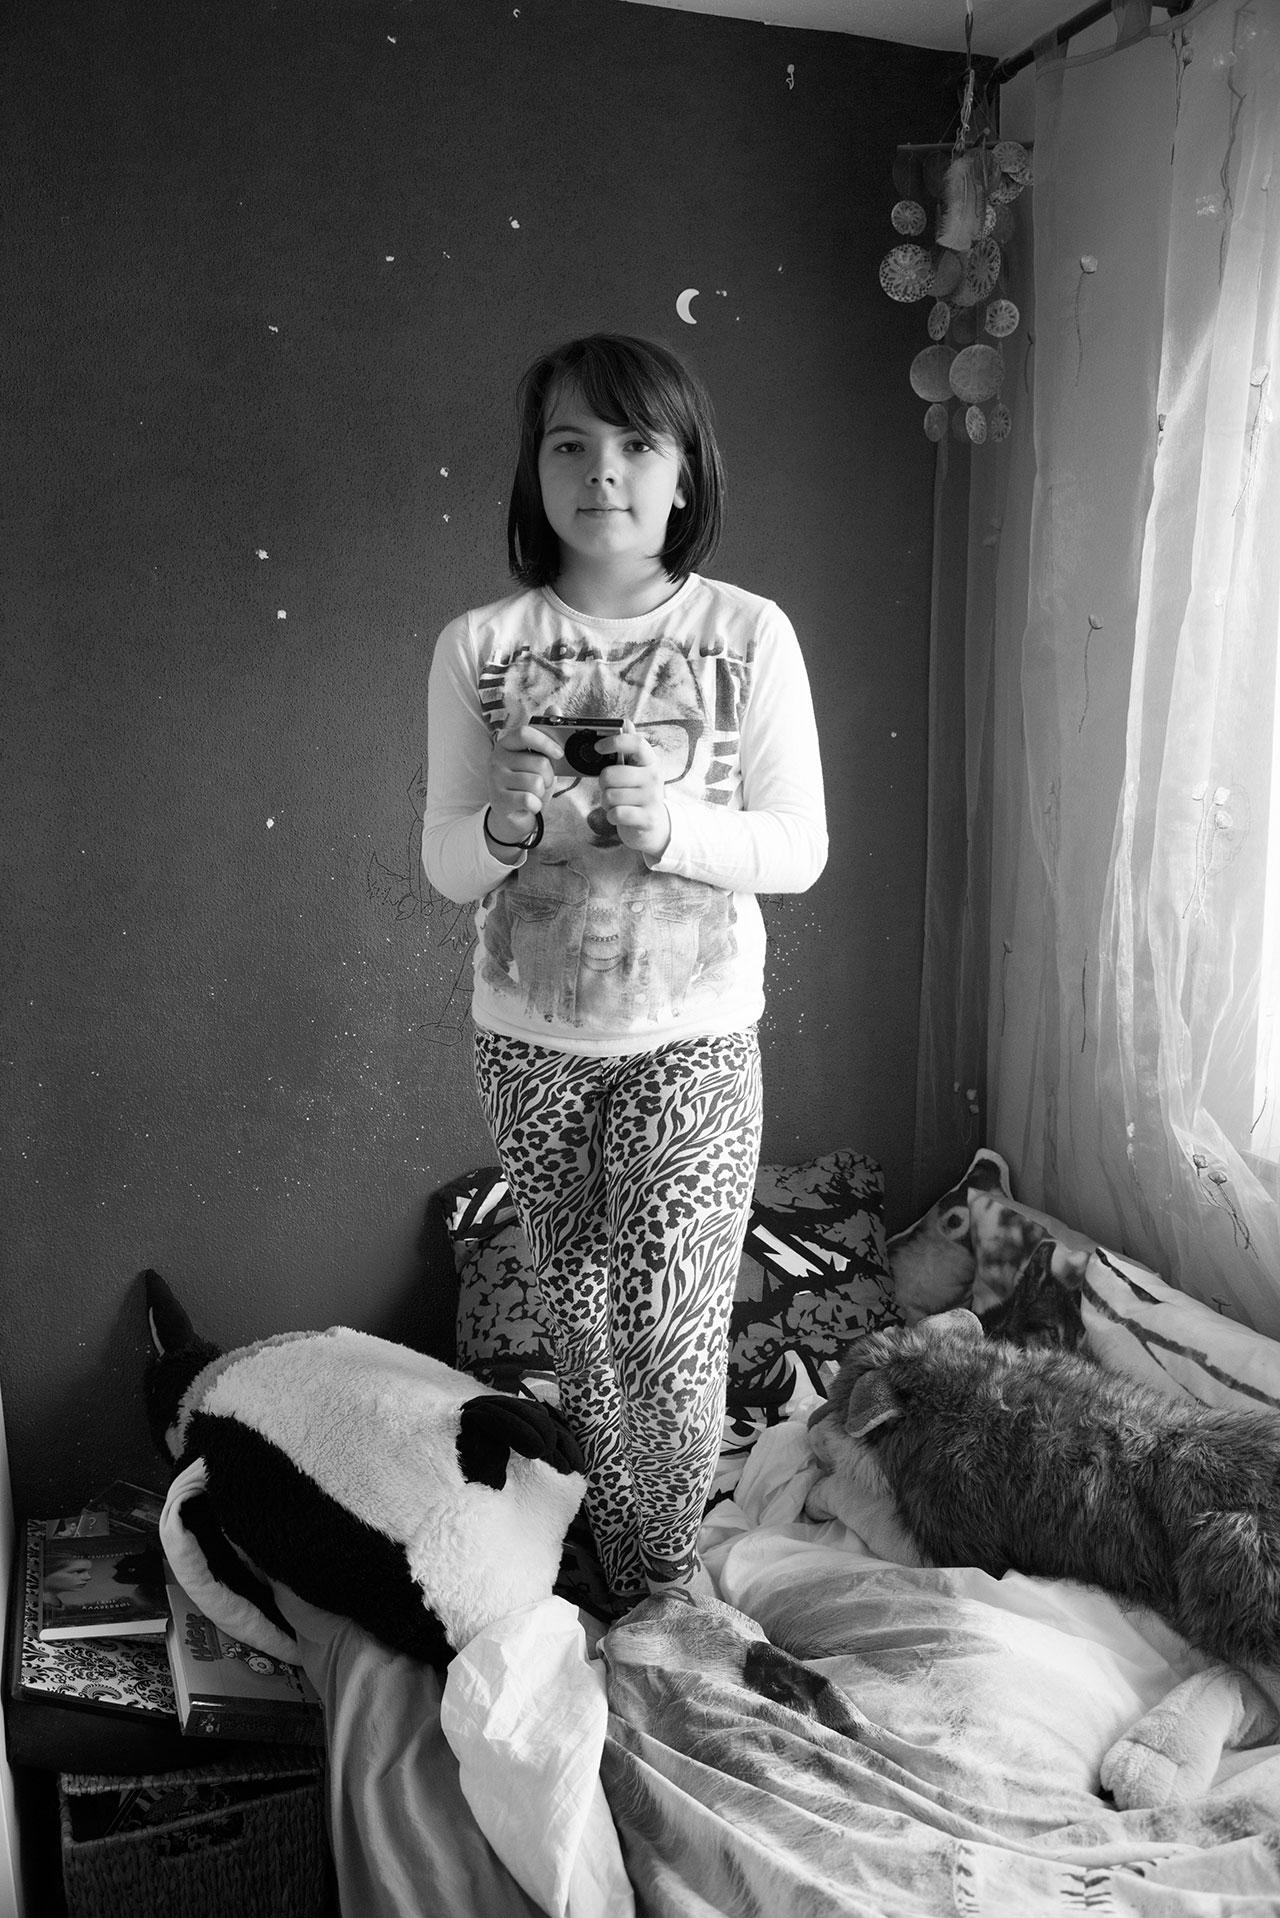 »Ich mache öfters Selbstporträts, weil ich daran Spaß habe, mich selber zu sehen an verschiedenen Orten und Hintergründen und als Erinnerung, dass ich da war, als Beweis für mich selber.« Mila, 11 Jahre. Ihr Bruder Felix (geb. 2002) leider an der Stoffwechselkrankheit Mukolipidose.